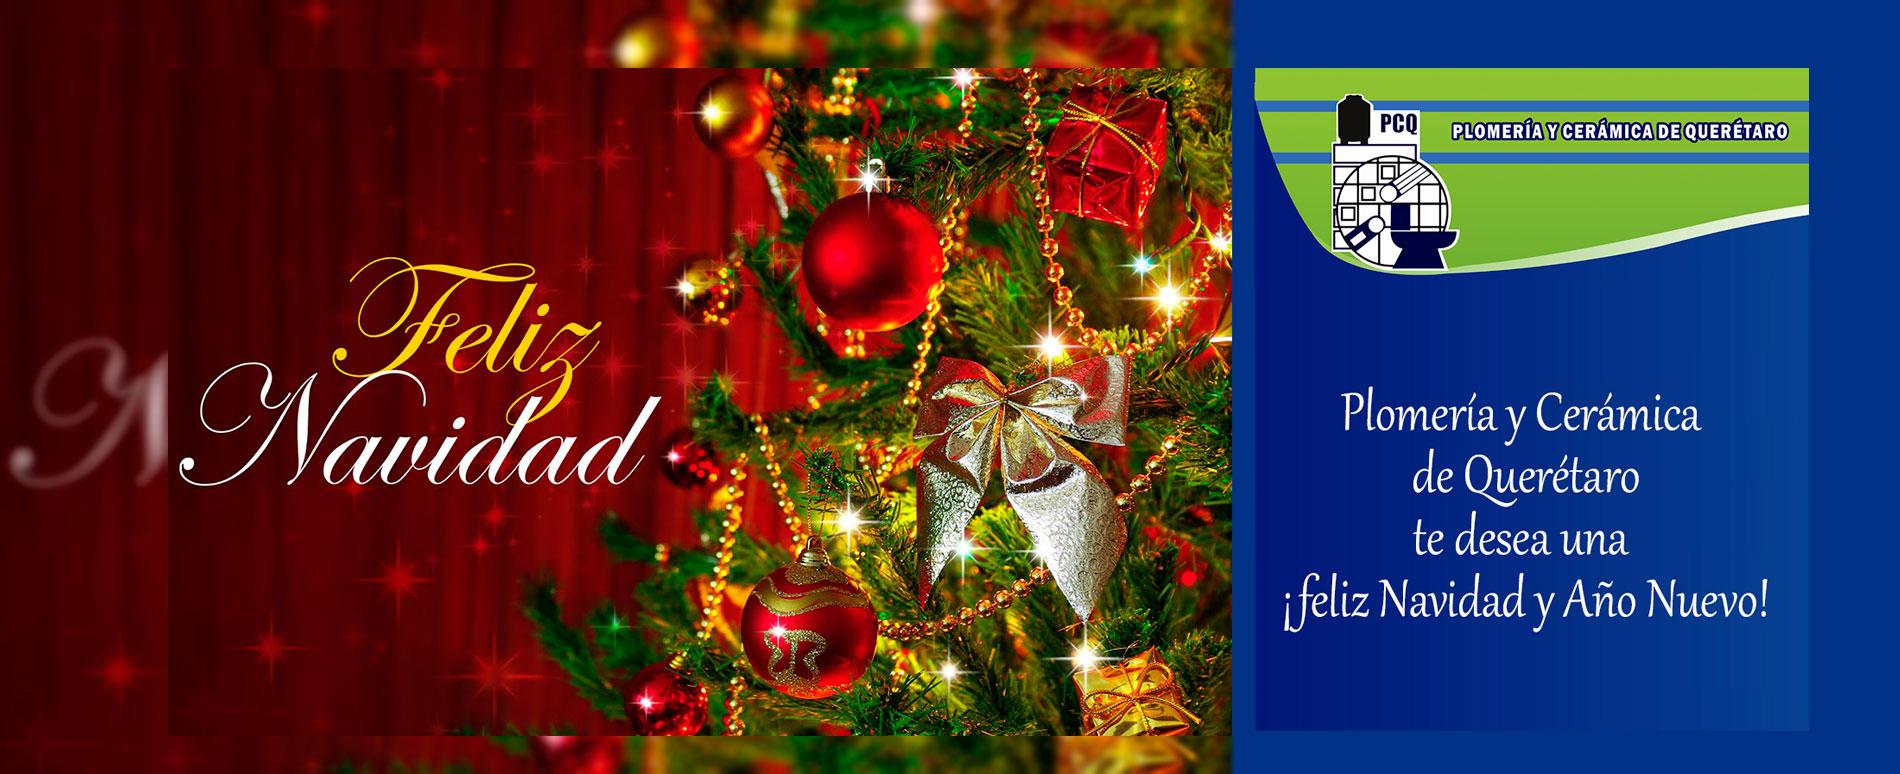 Slide Navidad Plomeria y Cerámica Diciembre 2018